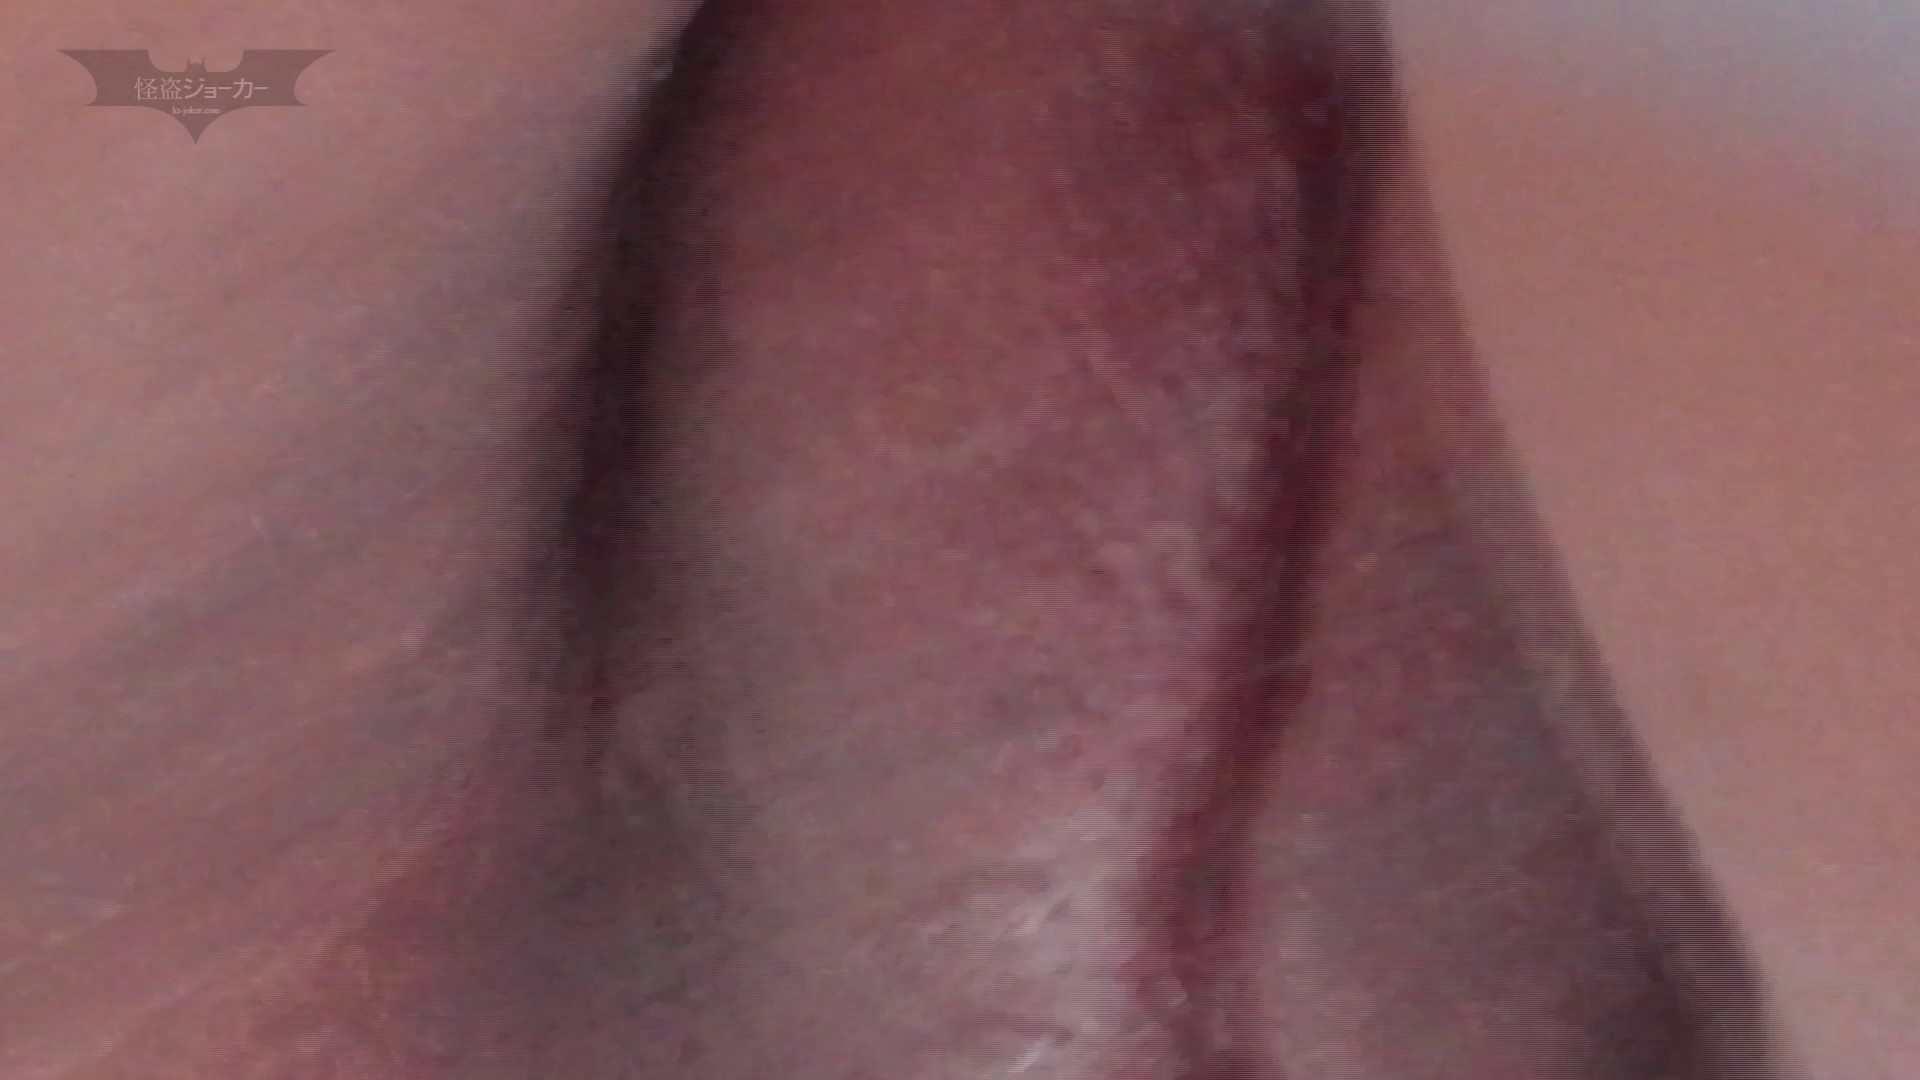 下からノゾム vol.030 びしょびしょの連続、お尻半分濡れるほど、 高画質 | 洗面所  84画像 48